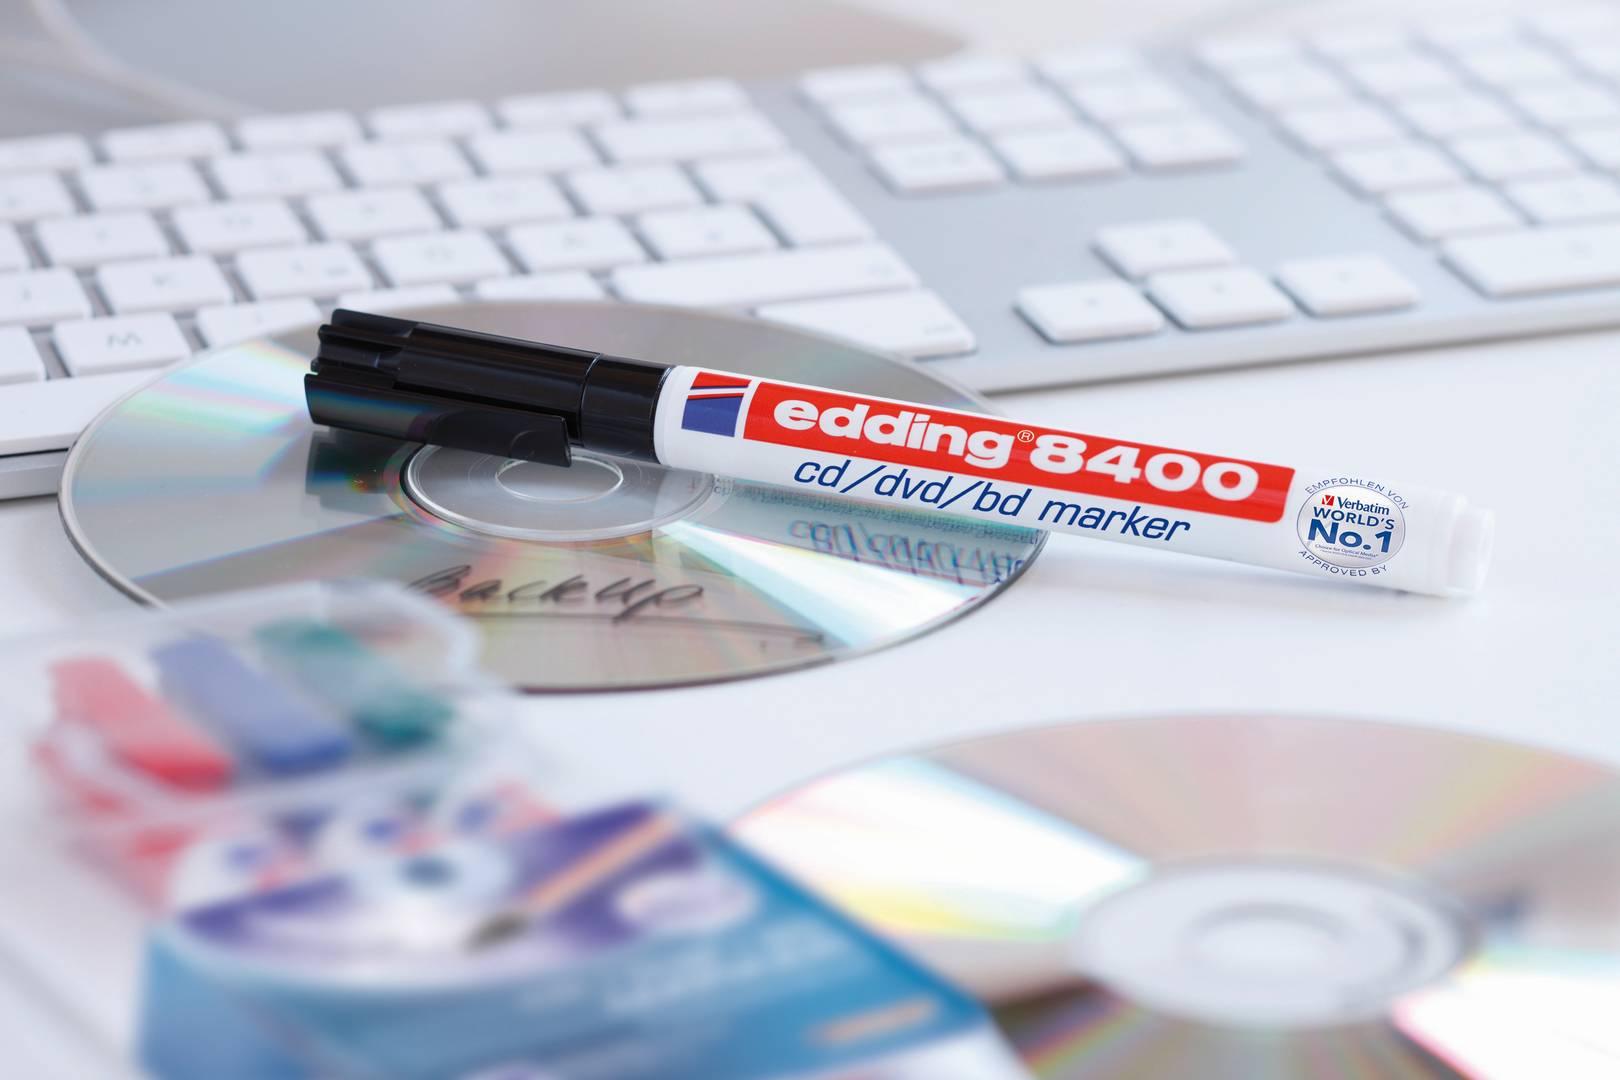 edding 8400 popisovač na CD/DVD/BD, kulatý hrot 0.5 -1 mm